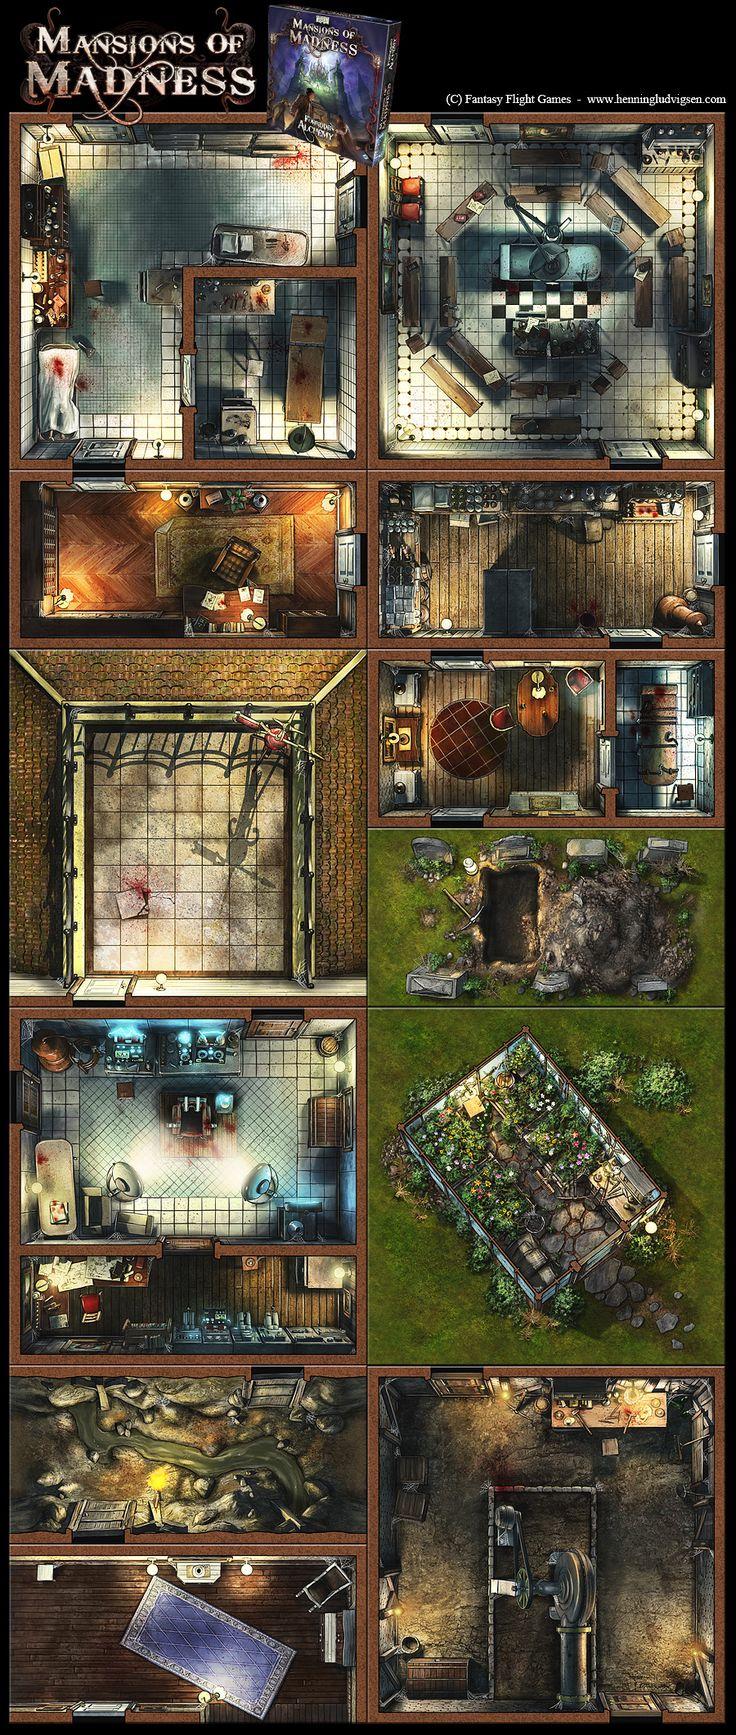 Mansions Of Madness, Forbidden Alchemy expansion by henning.deviantart.com on @DeviantArt